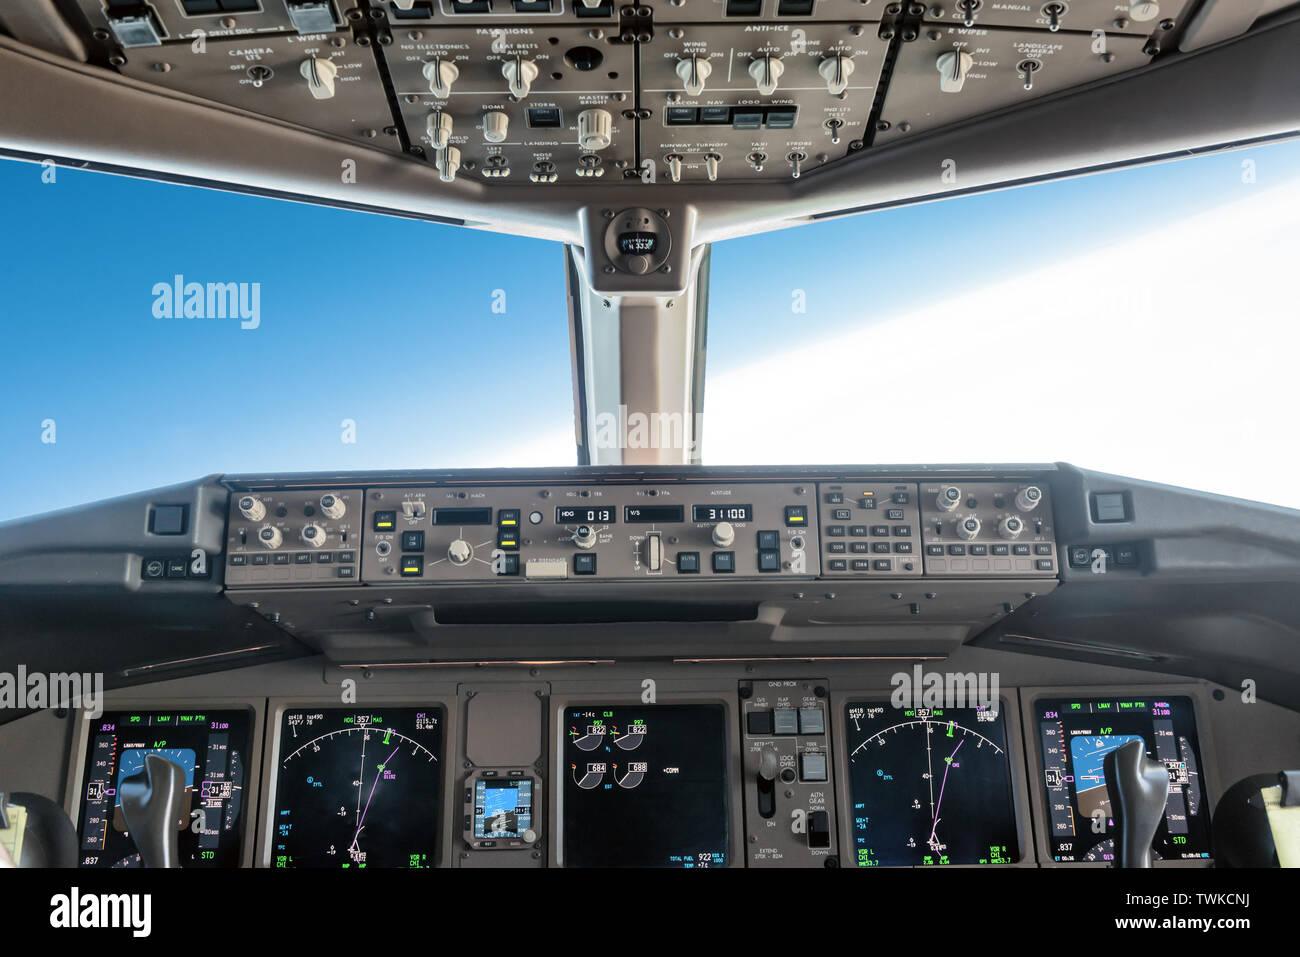 Autopilot Plane Stock Photos & Autopilot Plane Stock Images